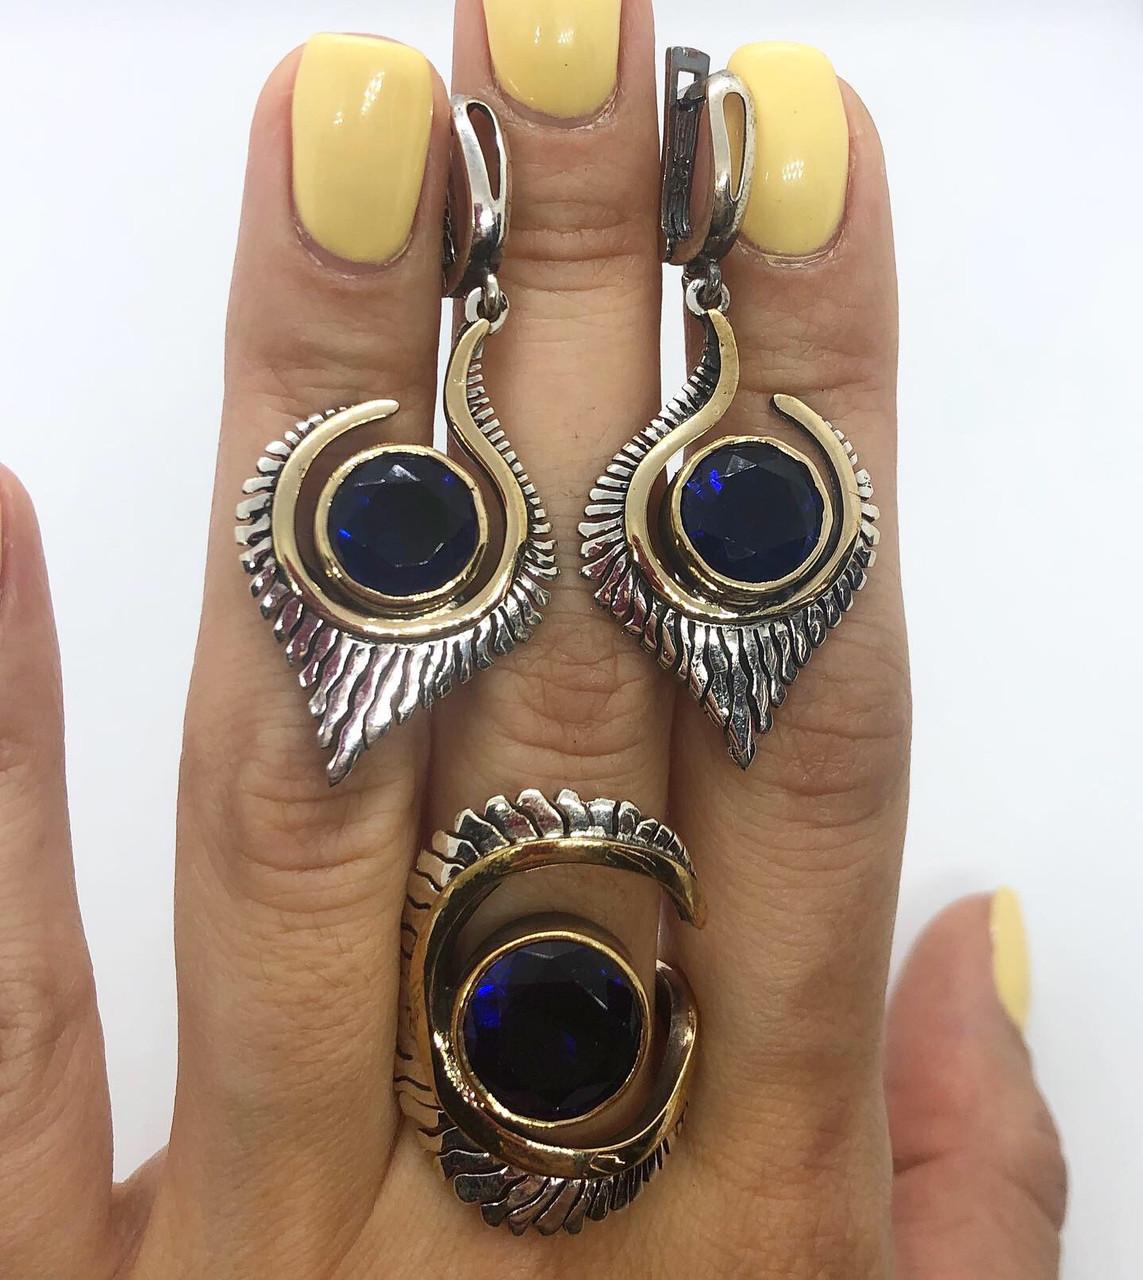 Набор украшений винтаж кольцо и серьги из серебра 925 My Jewels с синим фианитом (разм.19 мм)